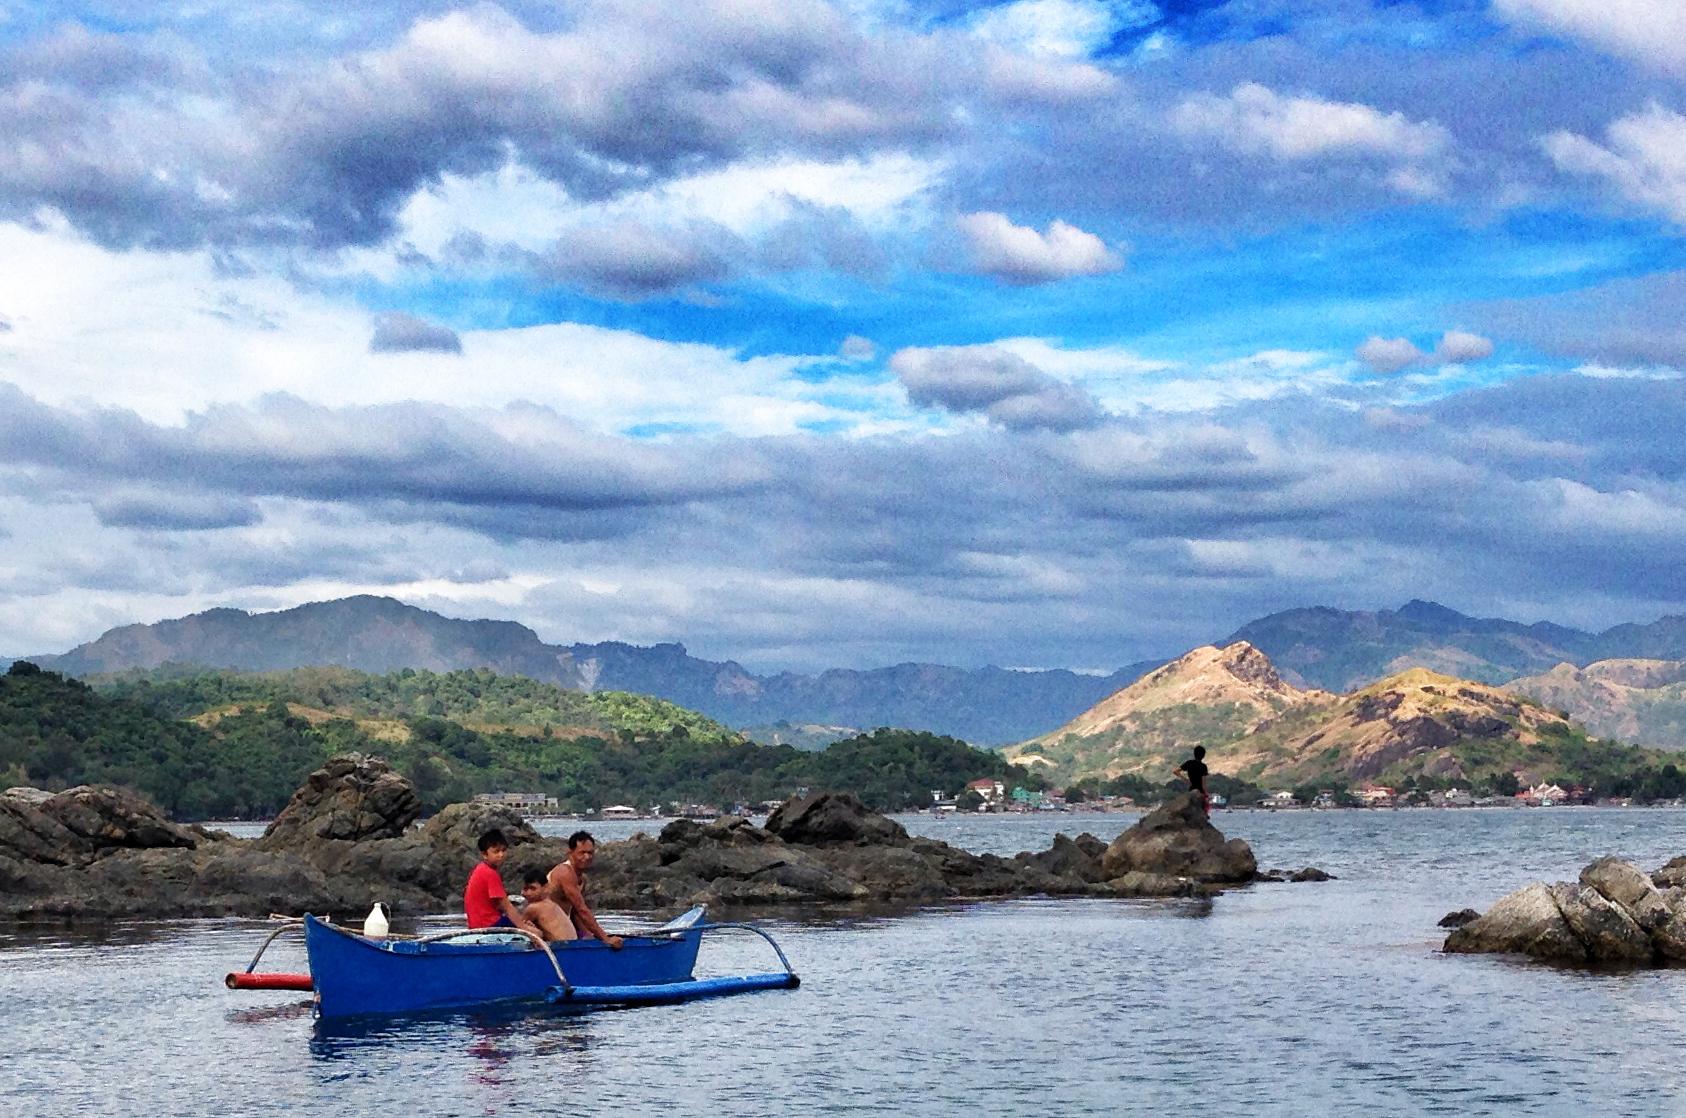 Subic Bay ligger i ly av fjellene.